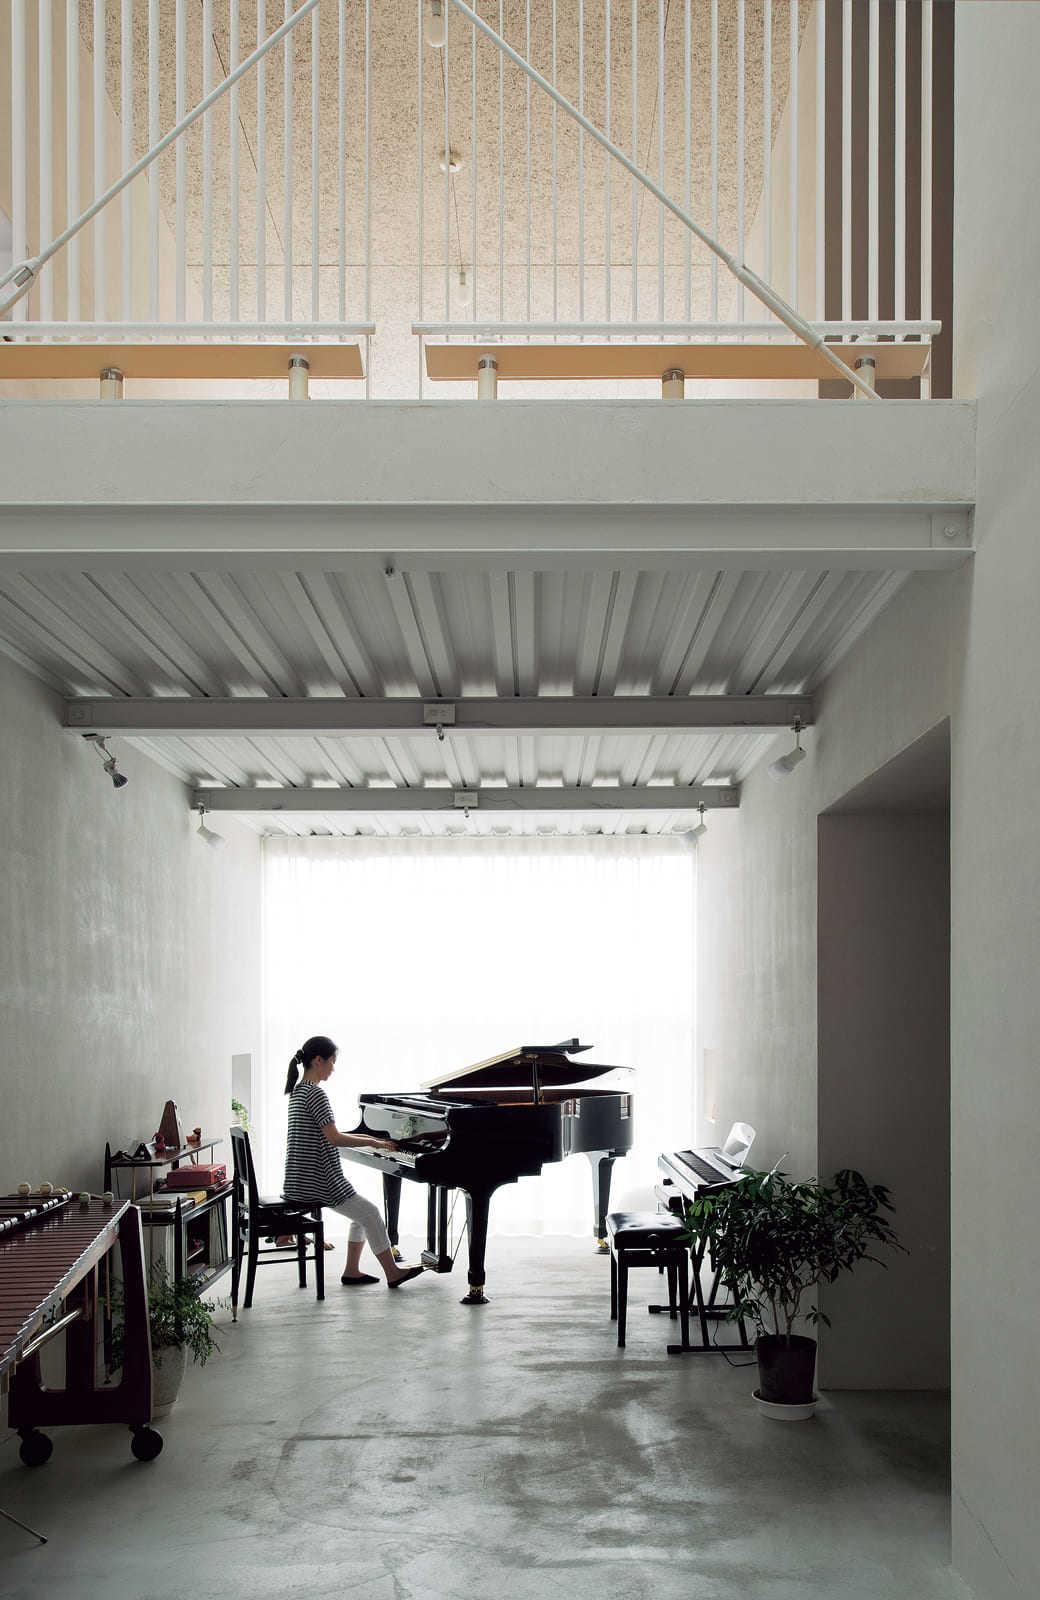 1階から階段を上がるとまず広間に出る。正面の北向きの窓、そして、上部の吹き抜けに設けた天窓から射す光が白をベースに仕上げた空間に広がる